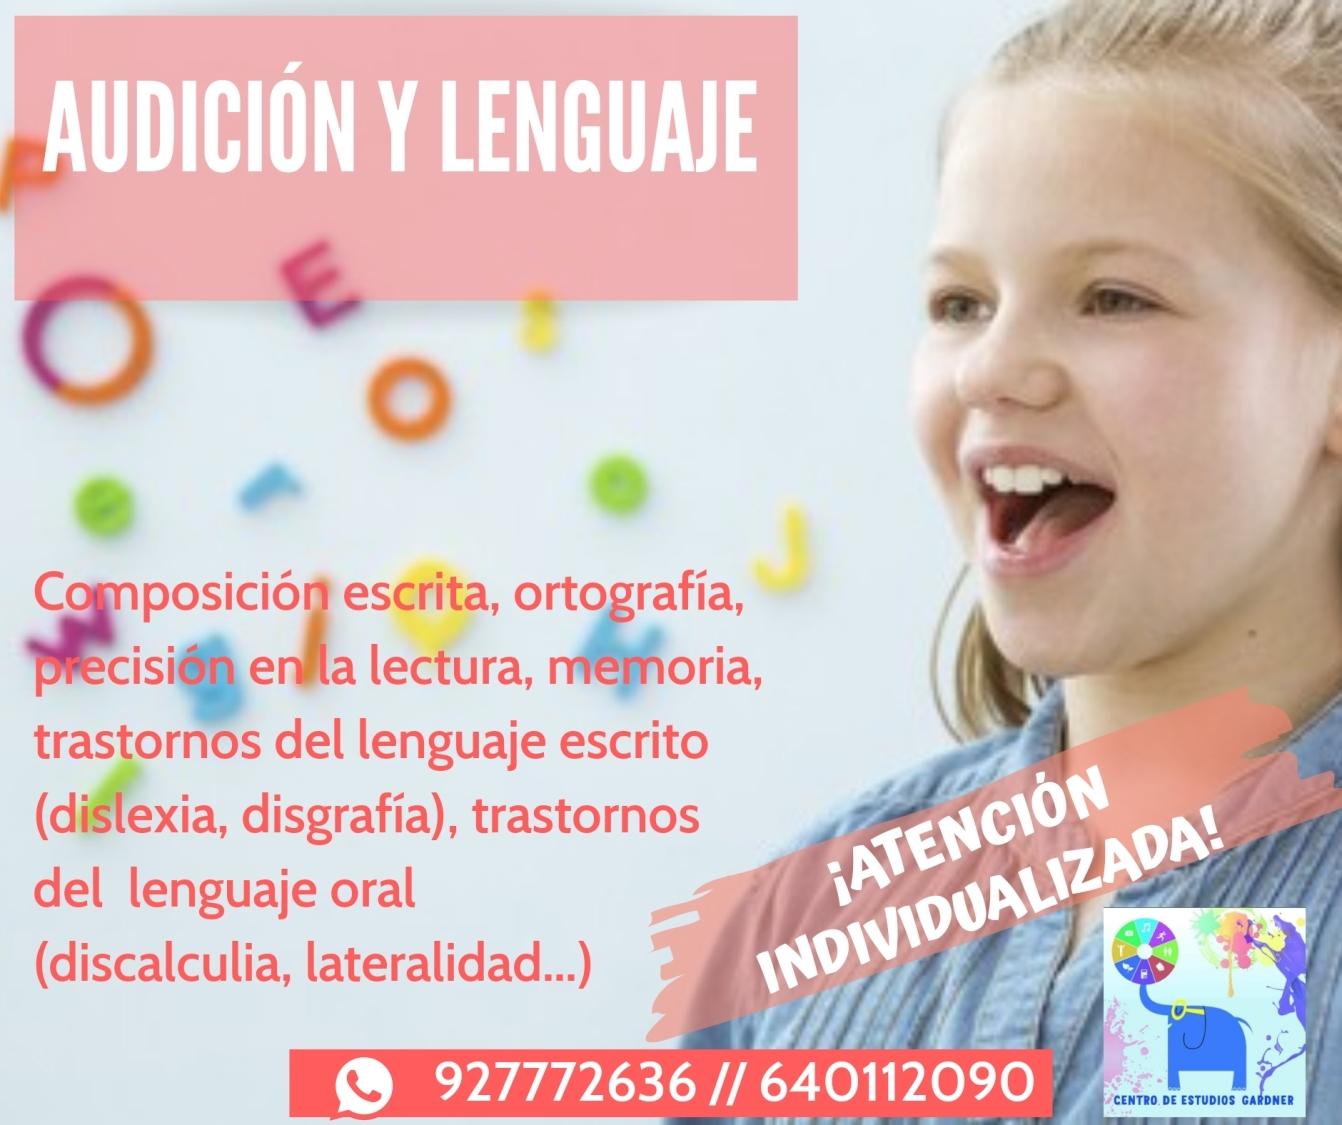 Atención especializada audición y lenguaje